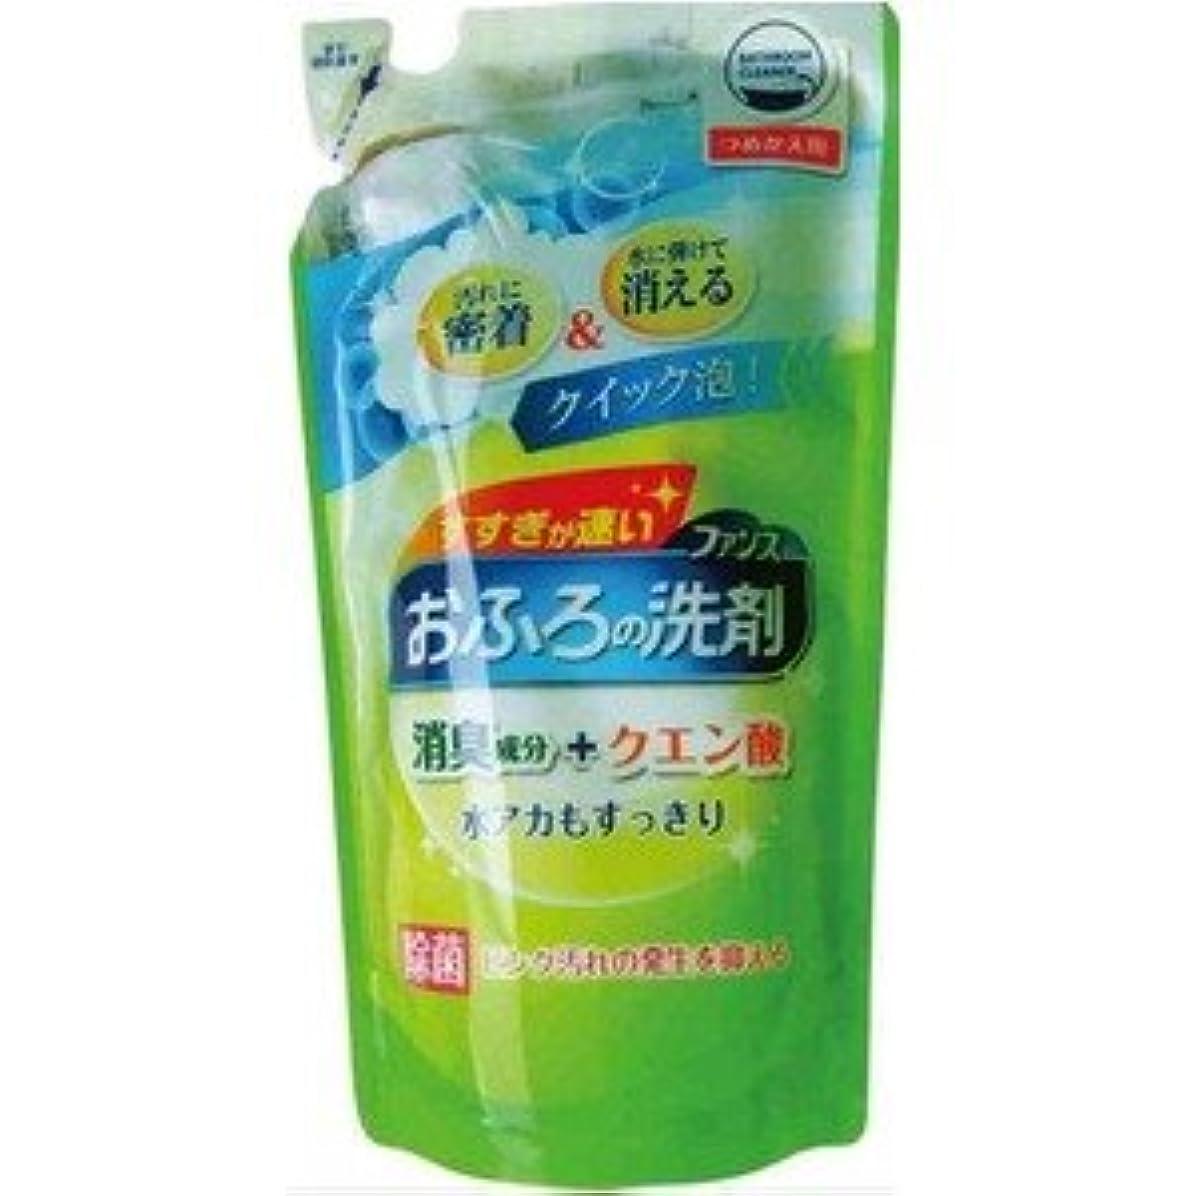 冷酷な価値メディックファンス おふろの洗剤グリーンハーブ詰替用330ml 46-262 【200個セット】